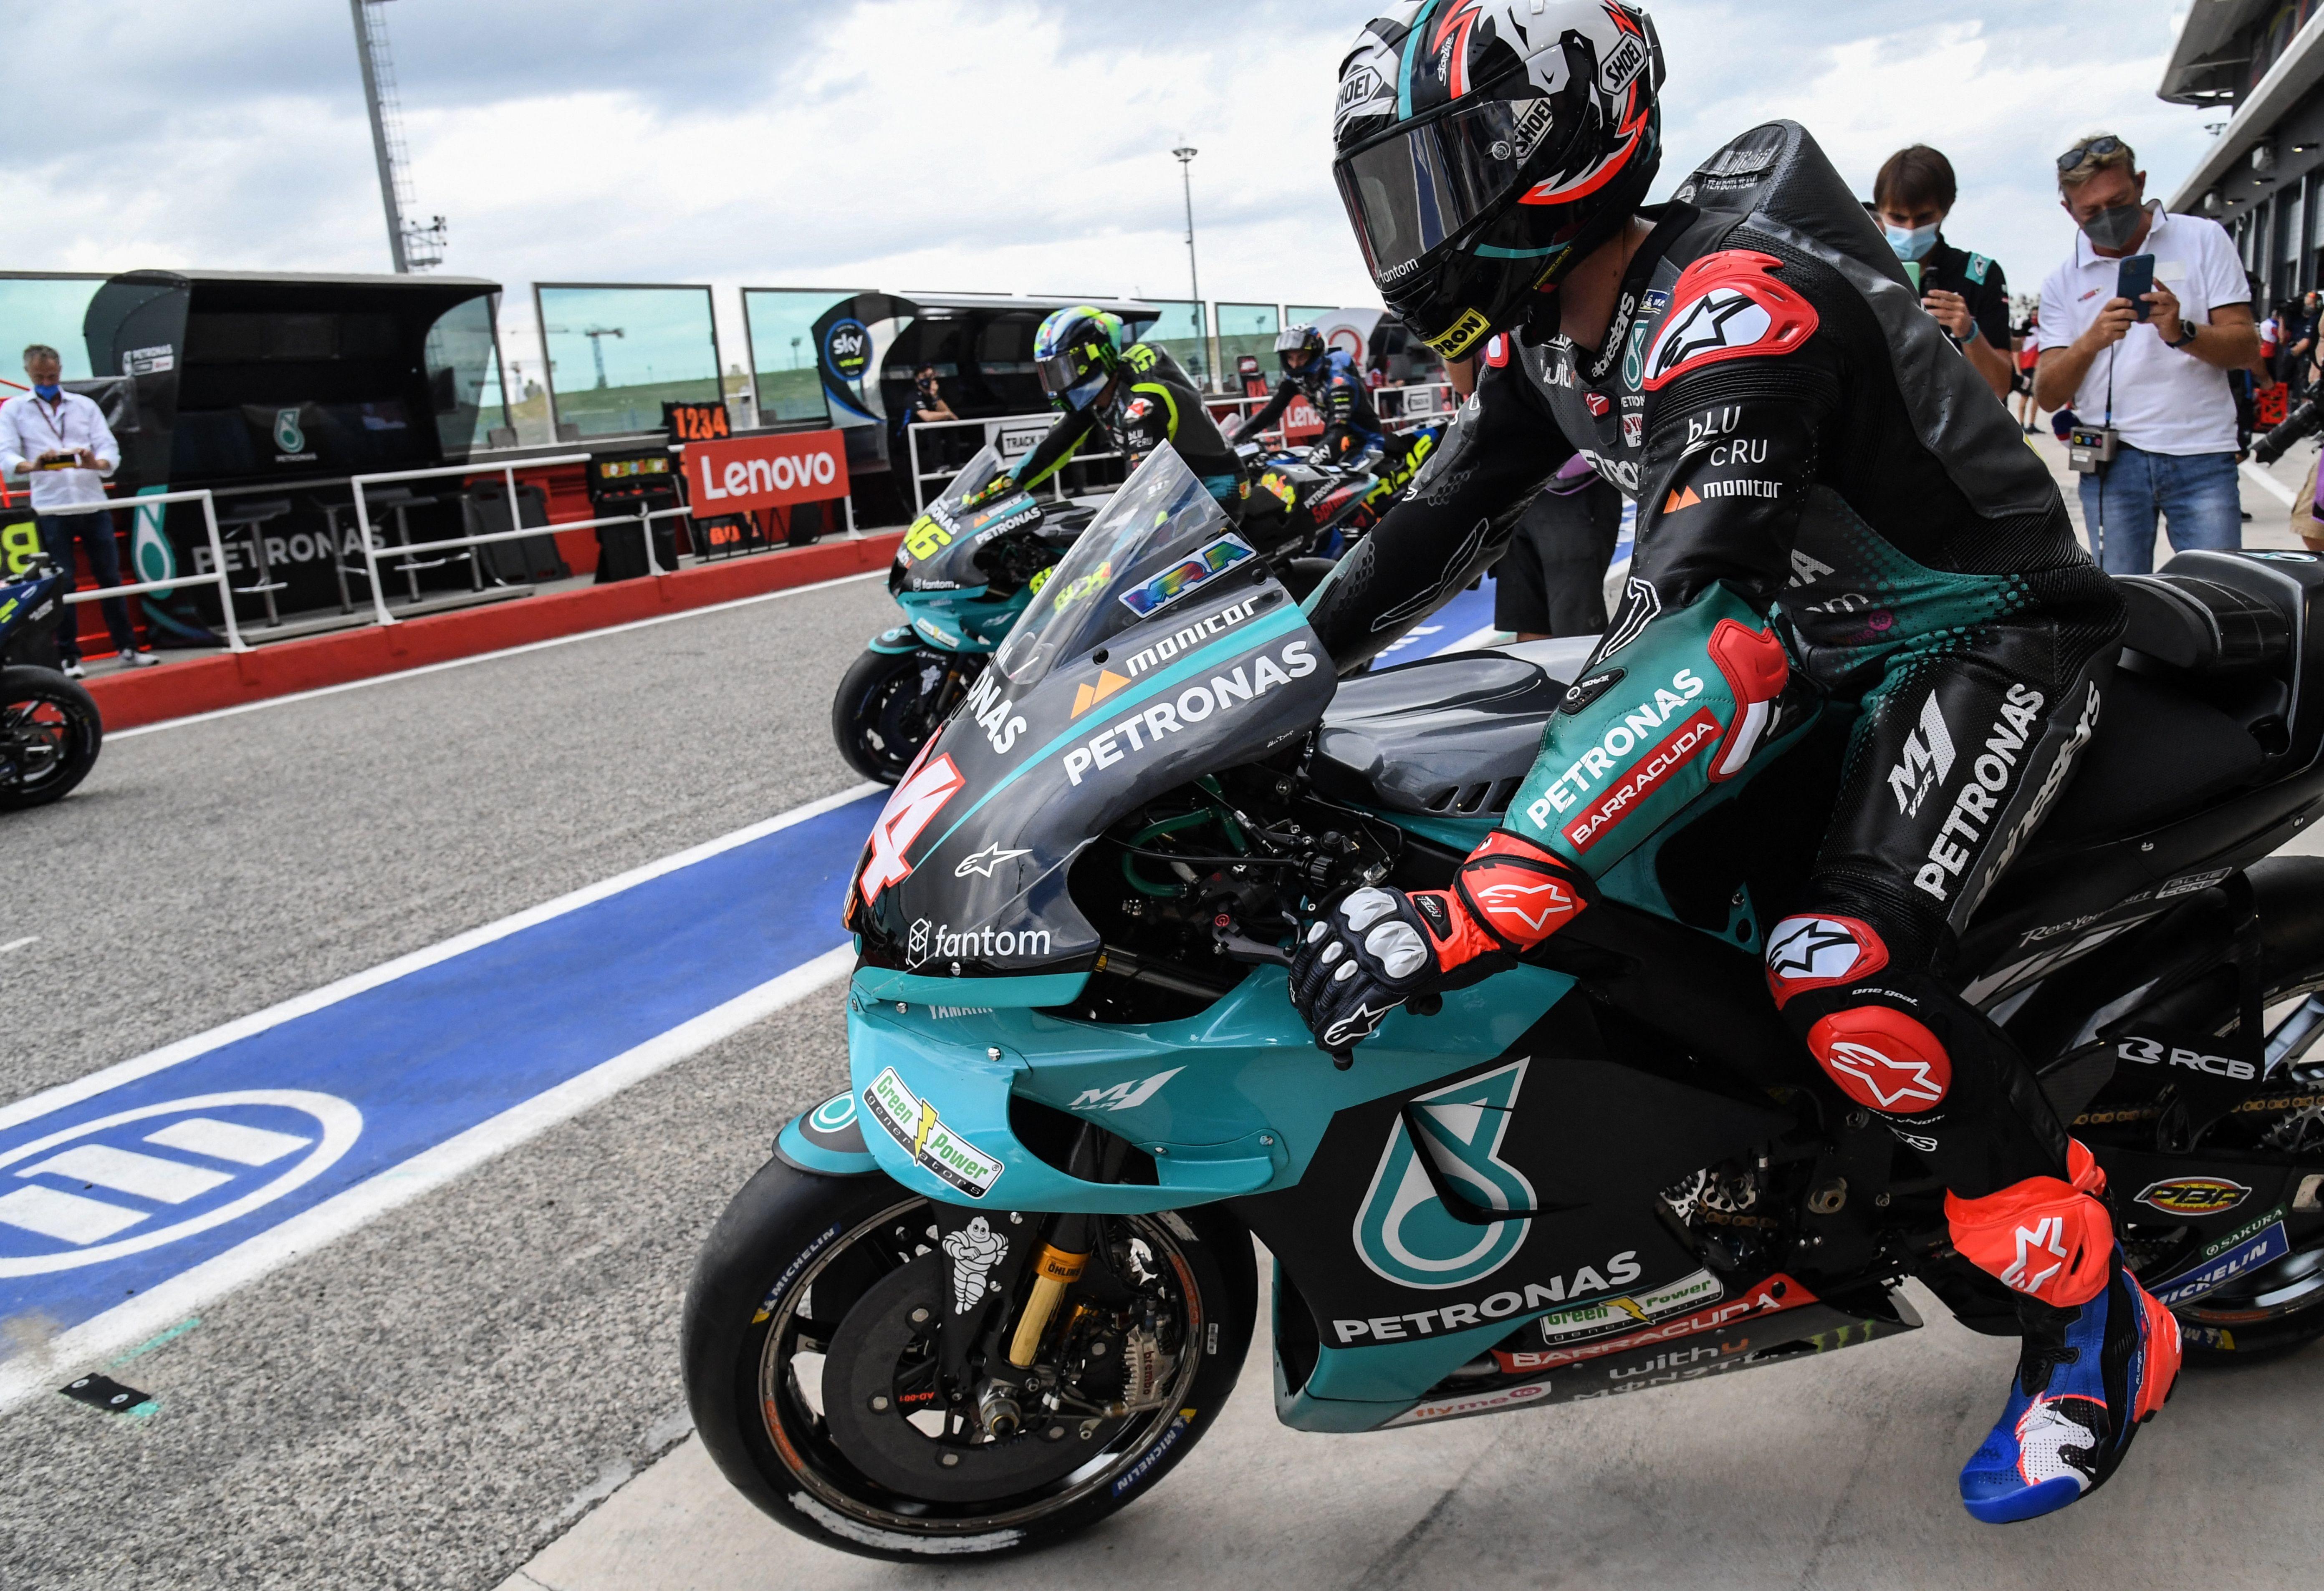 Prima giornata di prove libere a Misano in vista del GP di San Marino di MotoGP<br /><br />